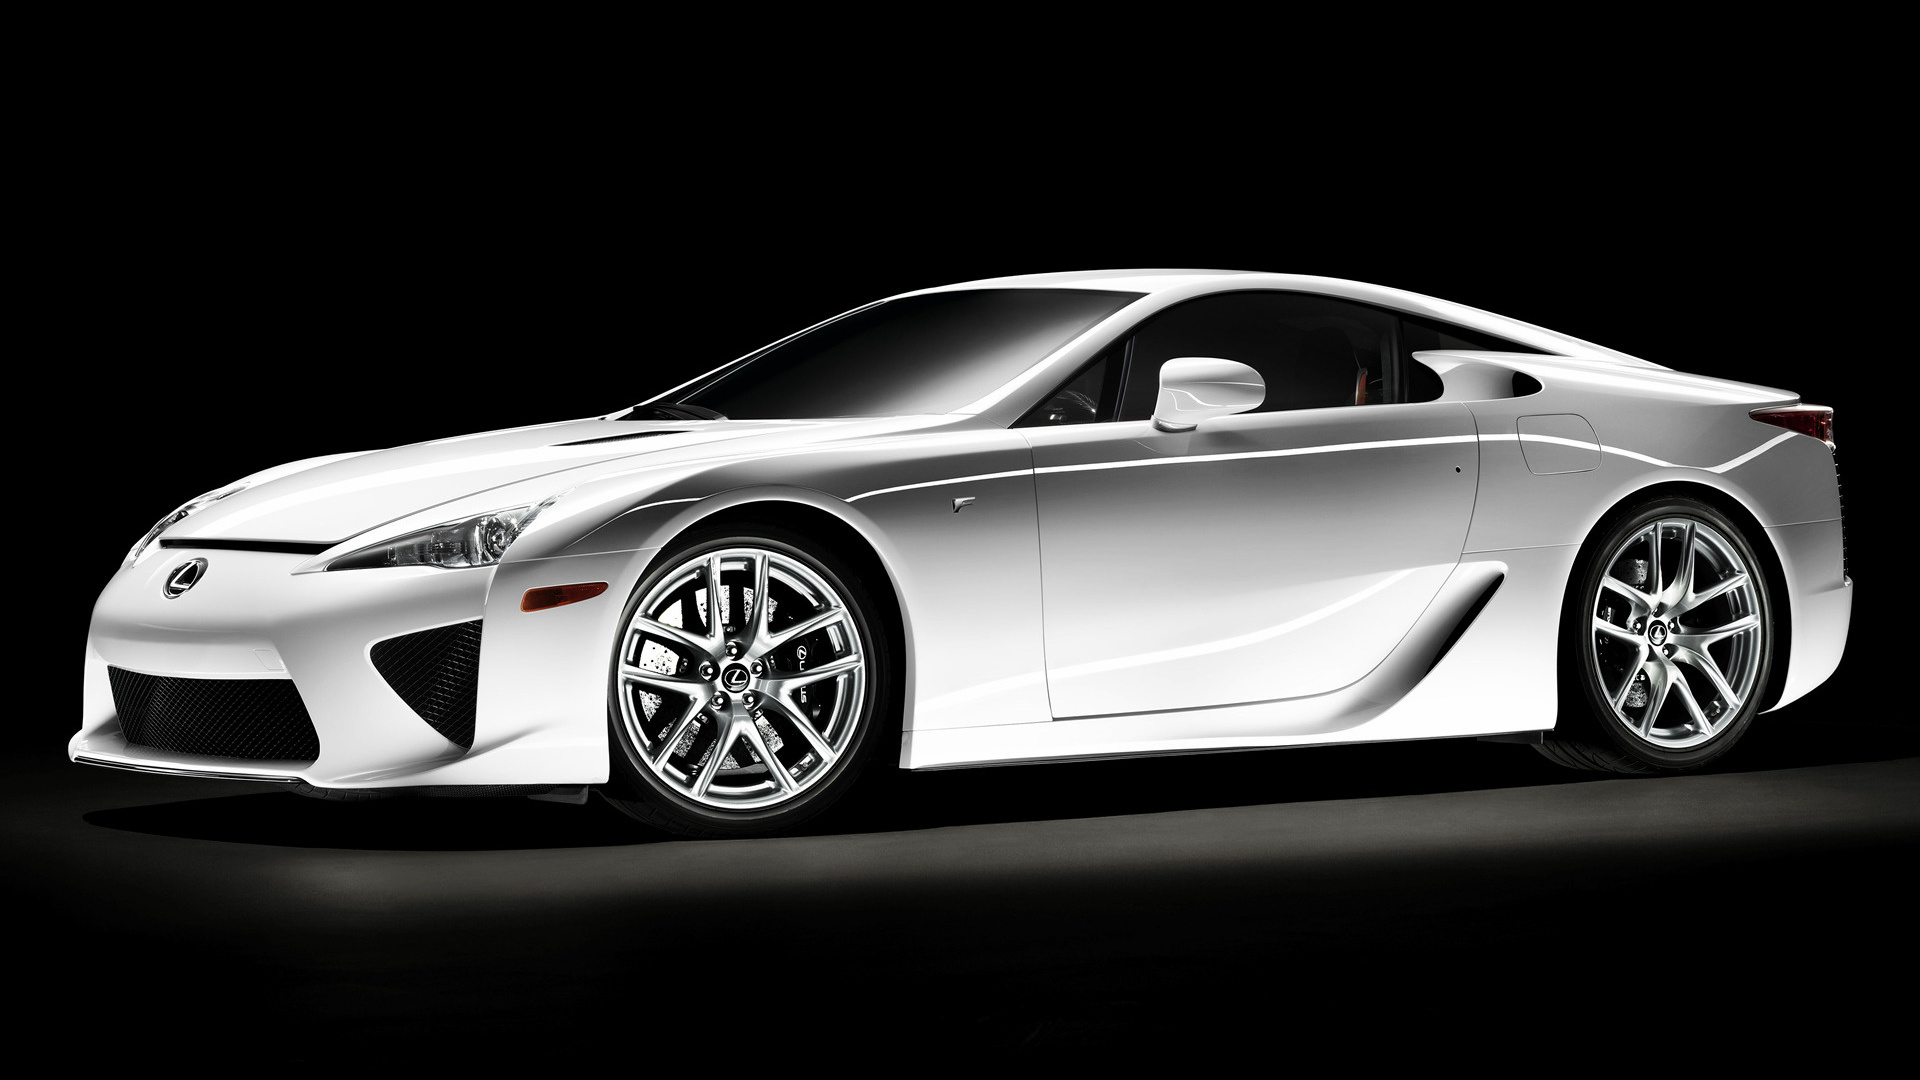 2010 Lexus Lfa Fondos De Pantalla E Imágenes En Hd Car Pixel